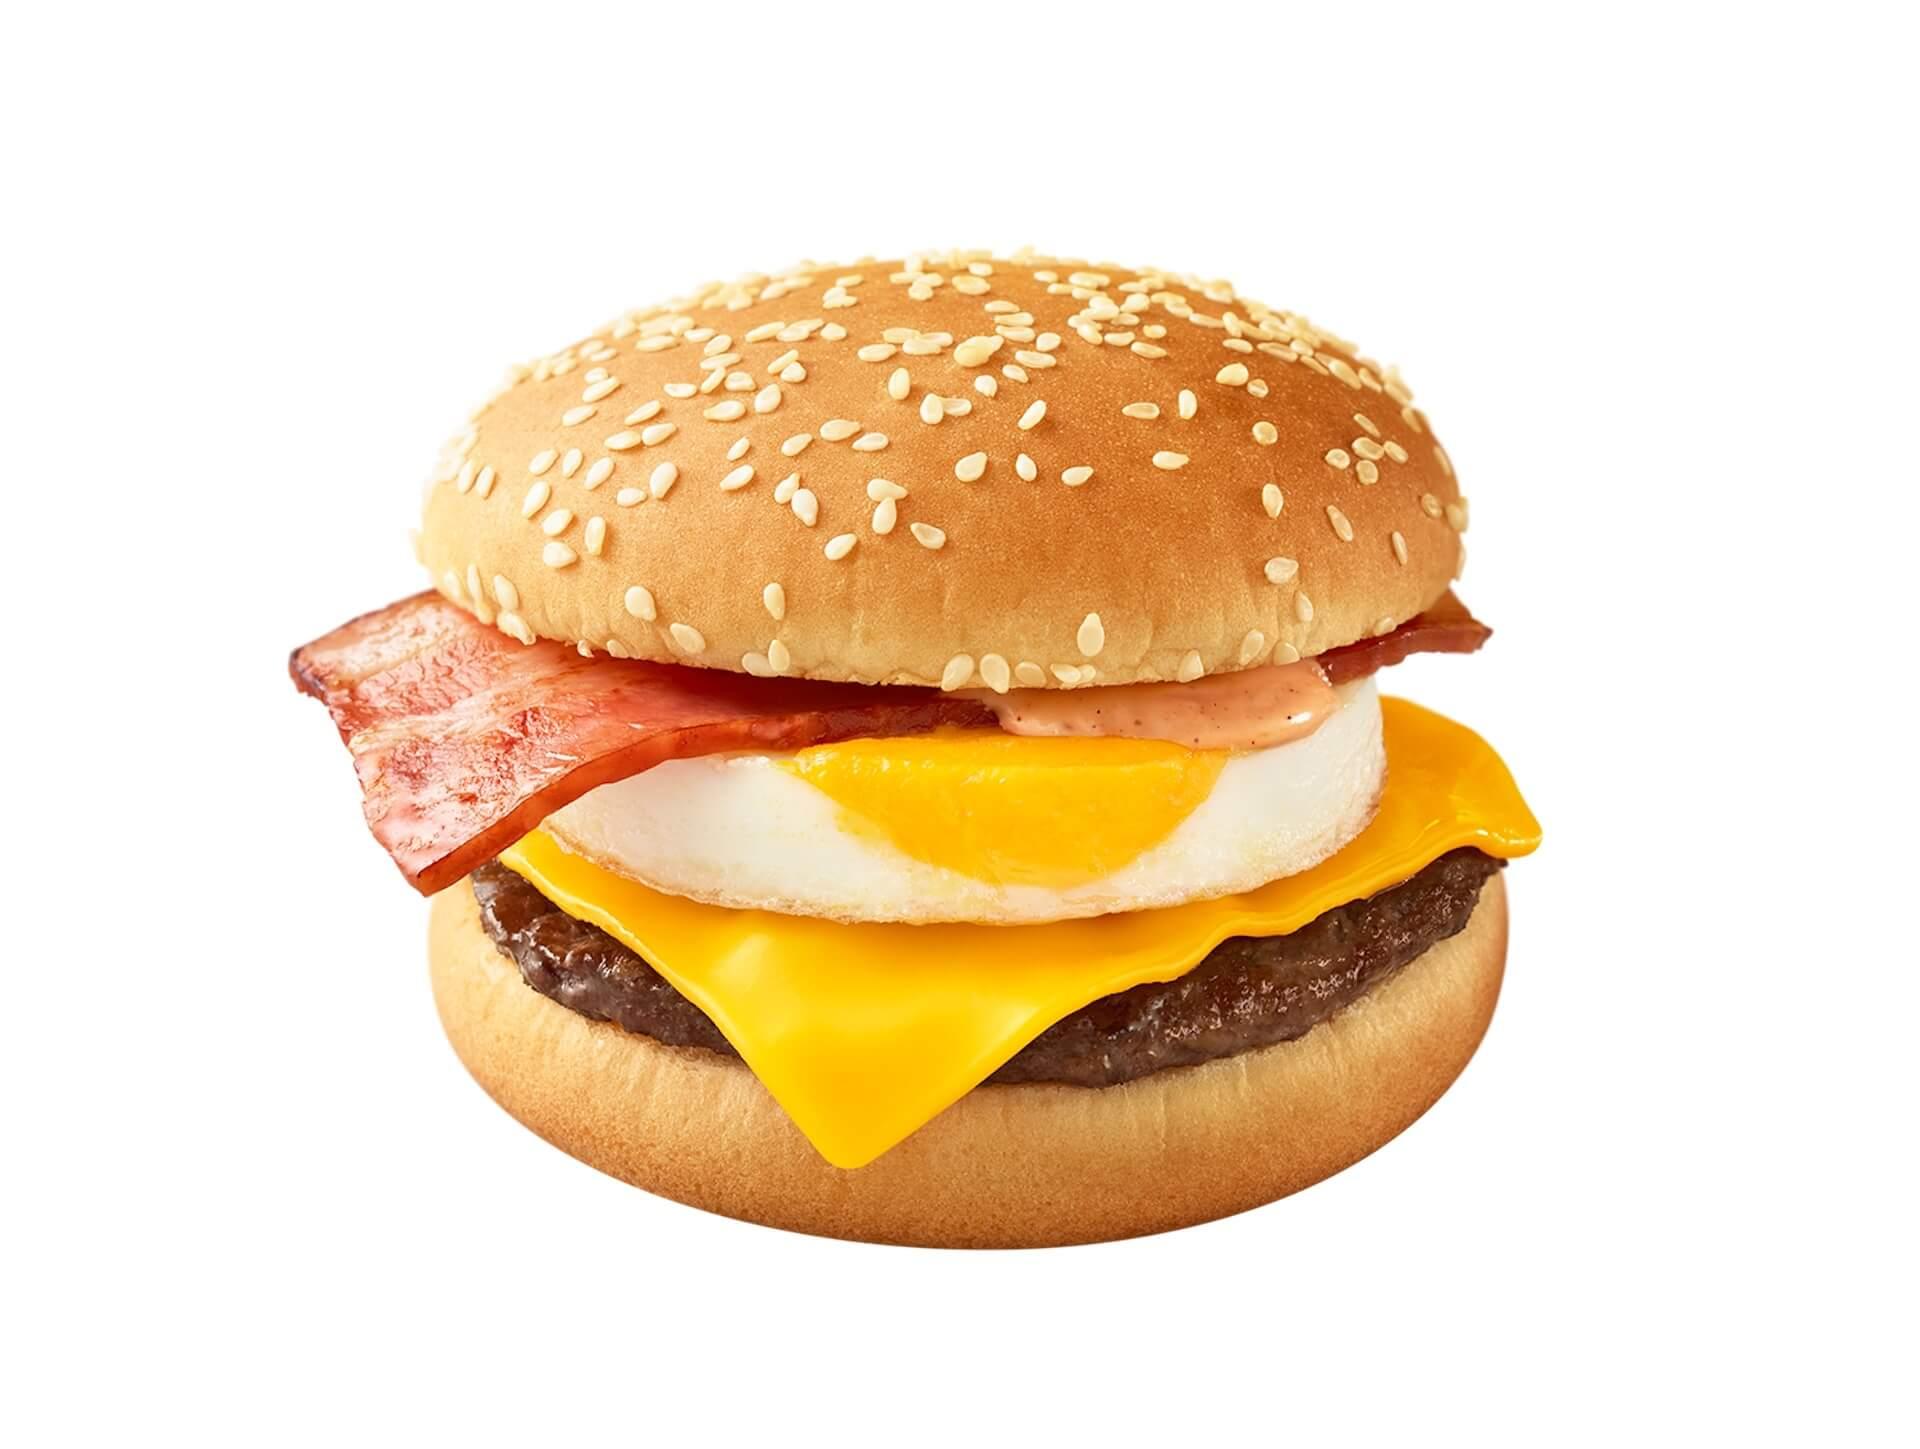 マクドナルドの定番「月見バーガー」シリーズに今年は濃厚ふわとろ月見、月見パイ、マックフルーリー月見が登場! gourmet200826_mcdonald_tsukimi_10